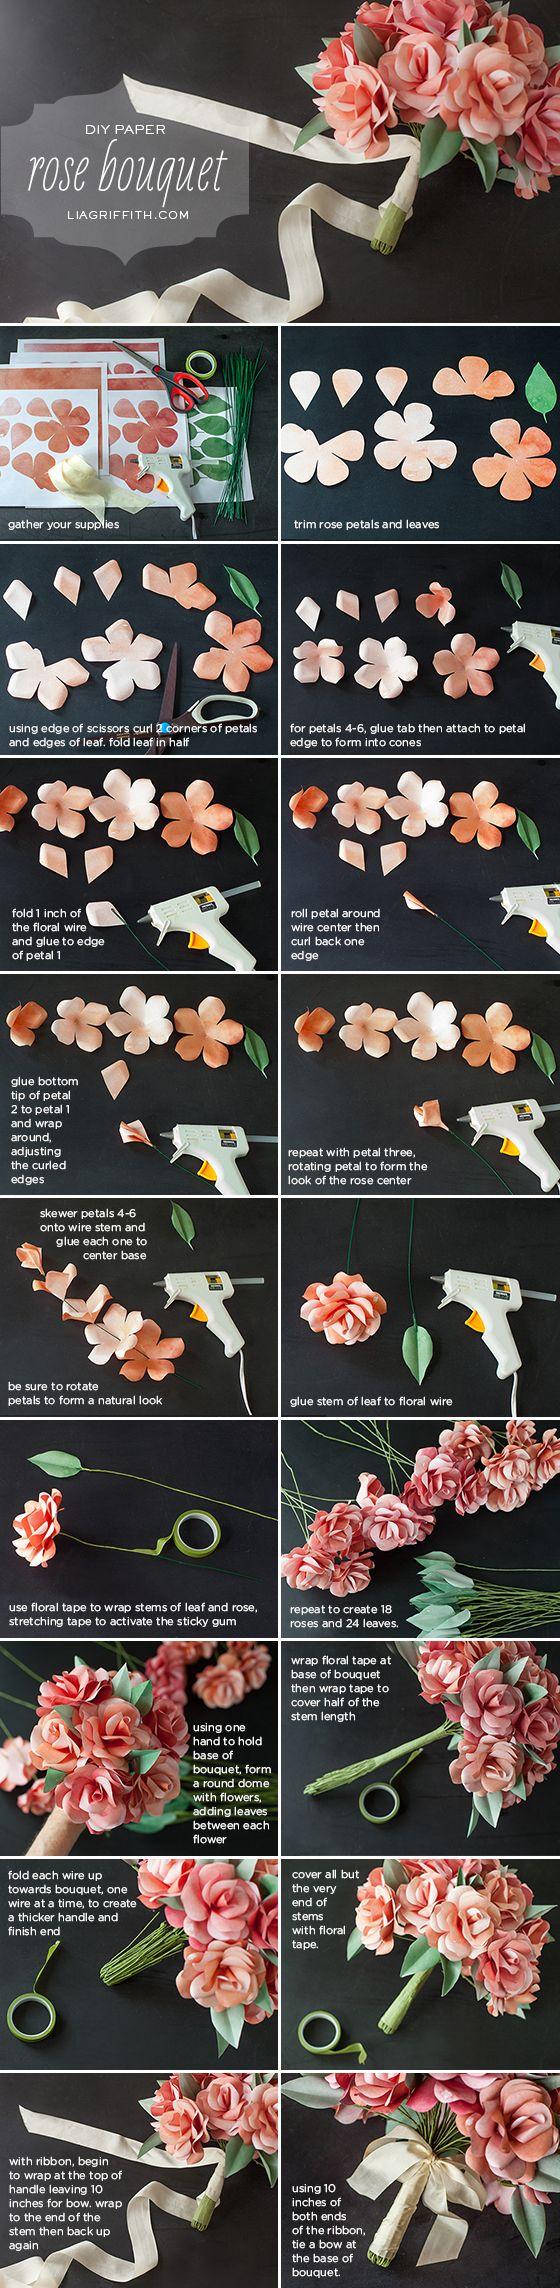 Как сделать цветы букет из бумаги своими